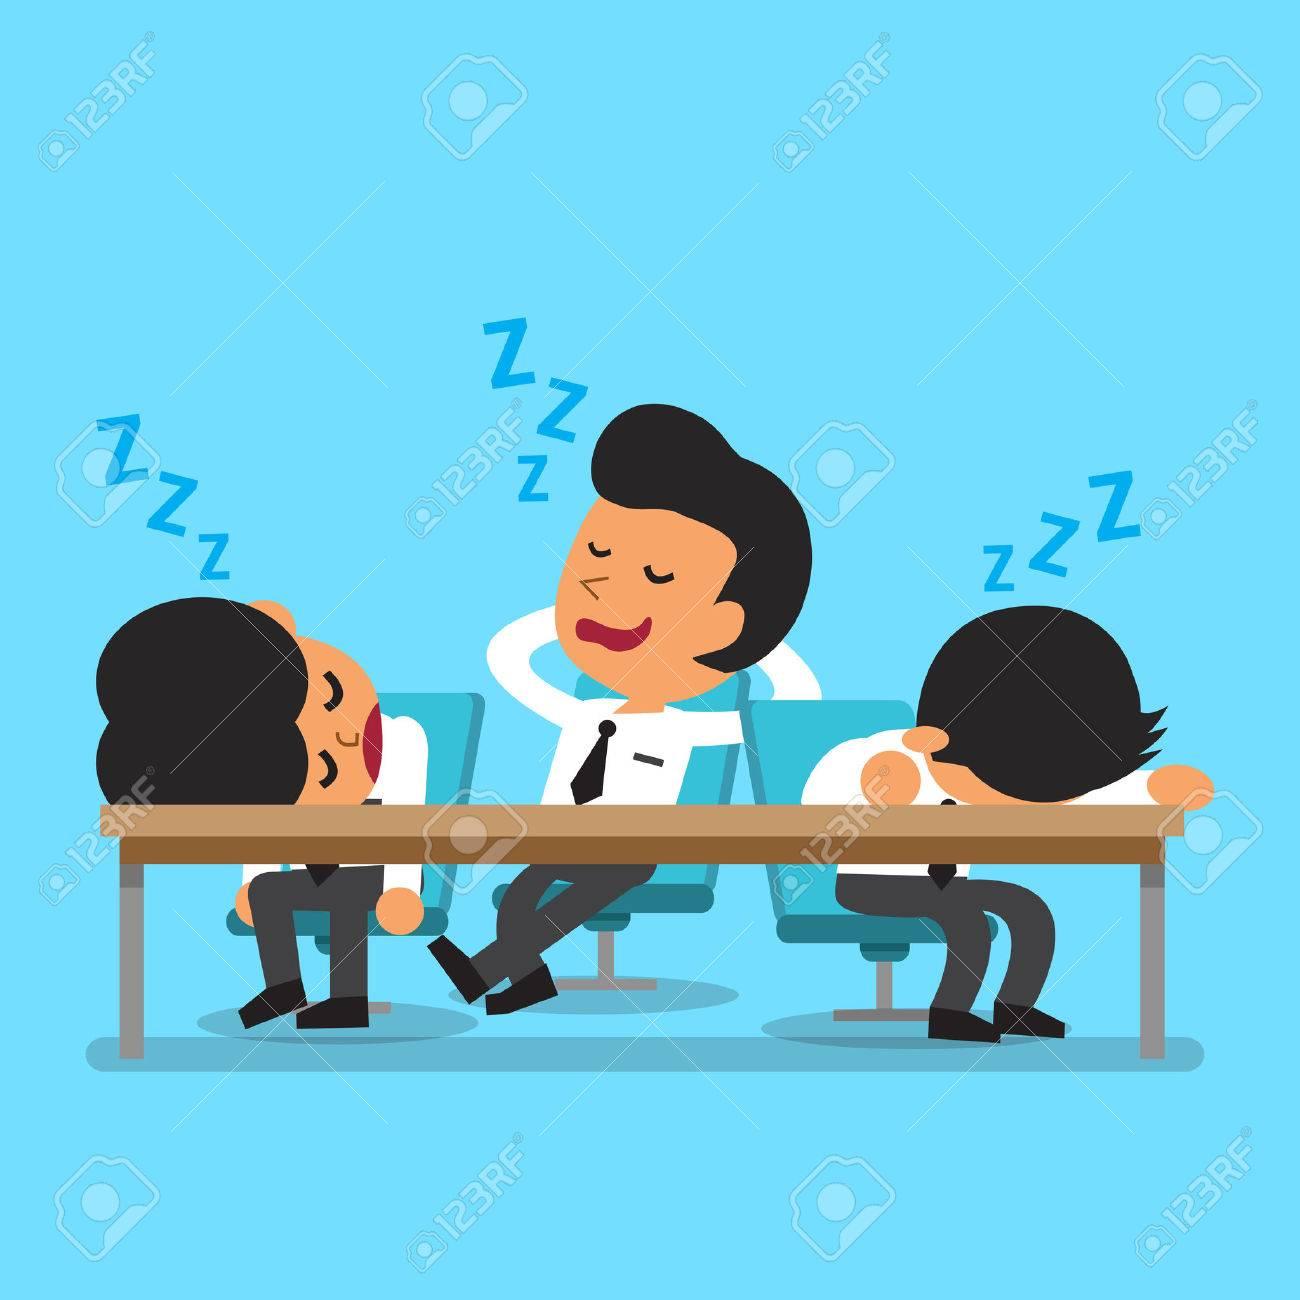 Cartoon business team falling asleep - 45667294